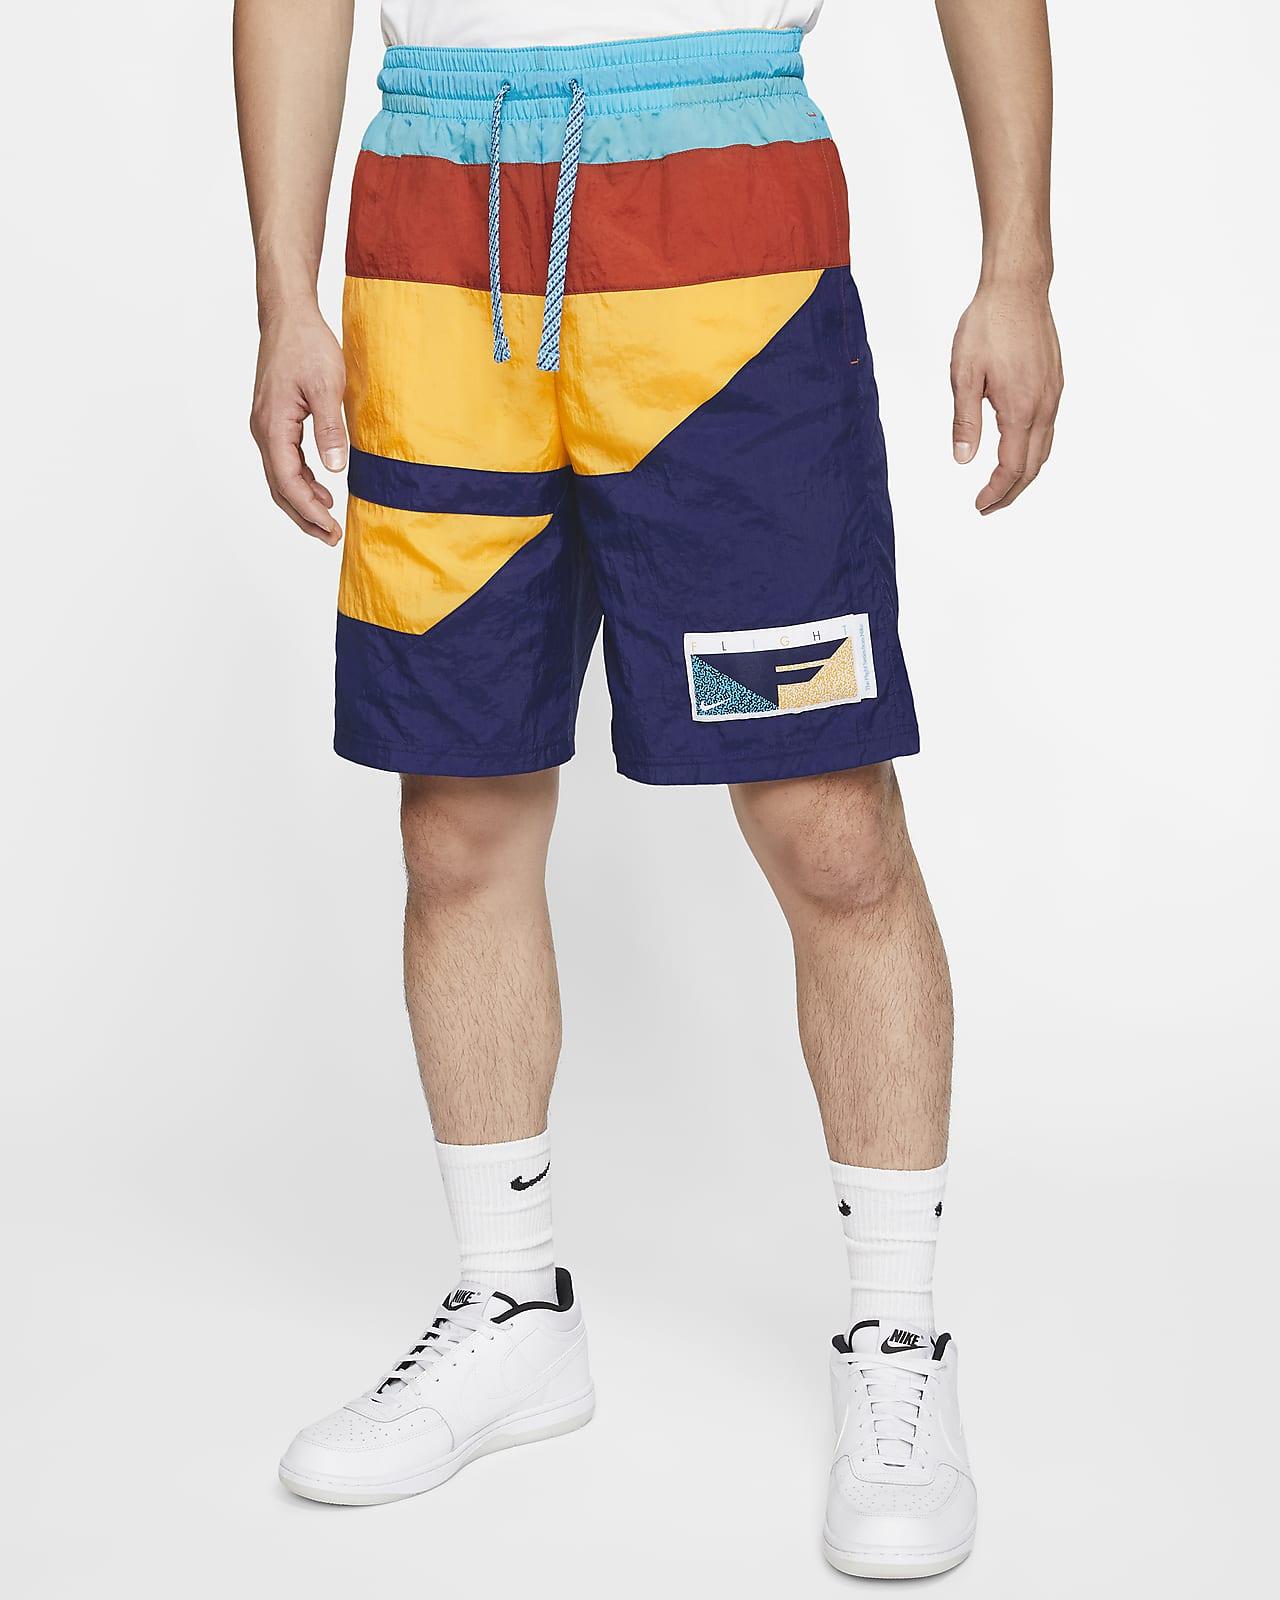 ナイキ フライト メンズ バスケットボールショートパンツ